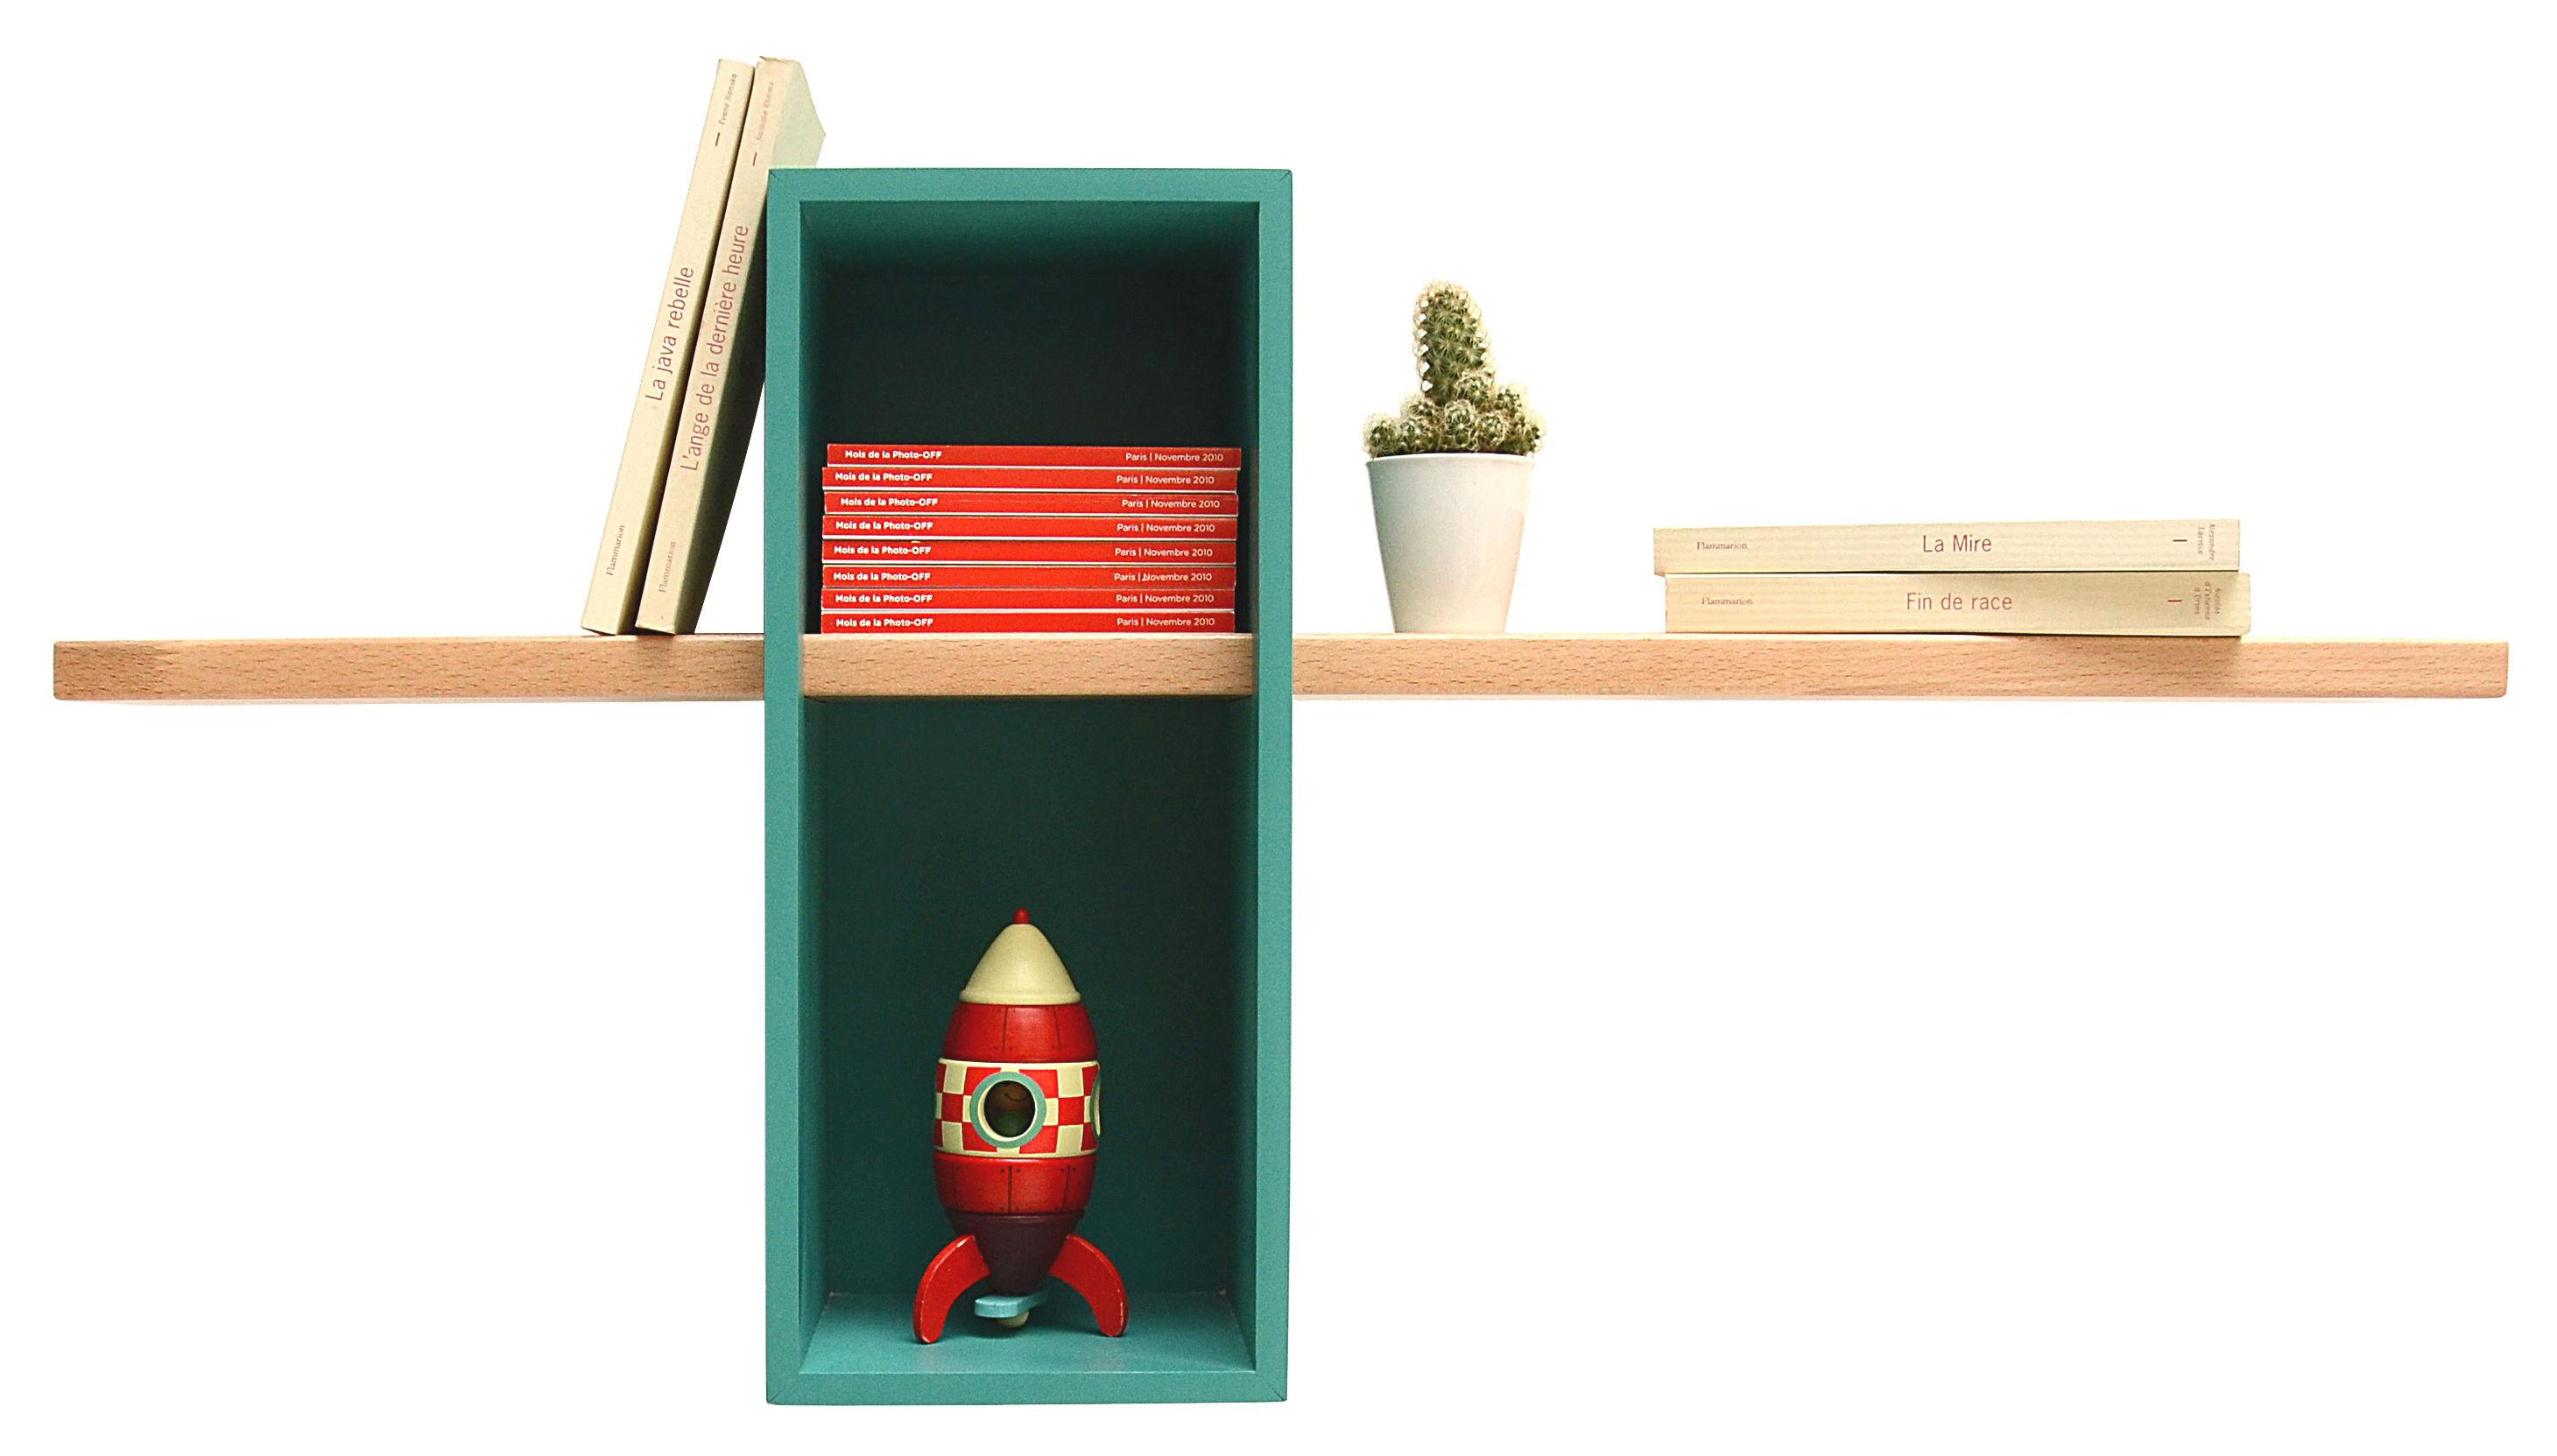 Arredamento - Scaffali e librerie - Scaffale Max - /Semplice - 1 scatola + 1 scaffale di Compagnie - Turchese menta - Faggio, MDF tinto